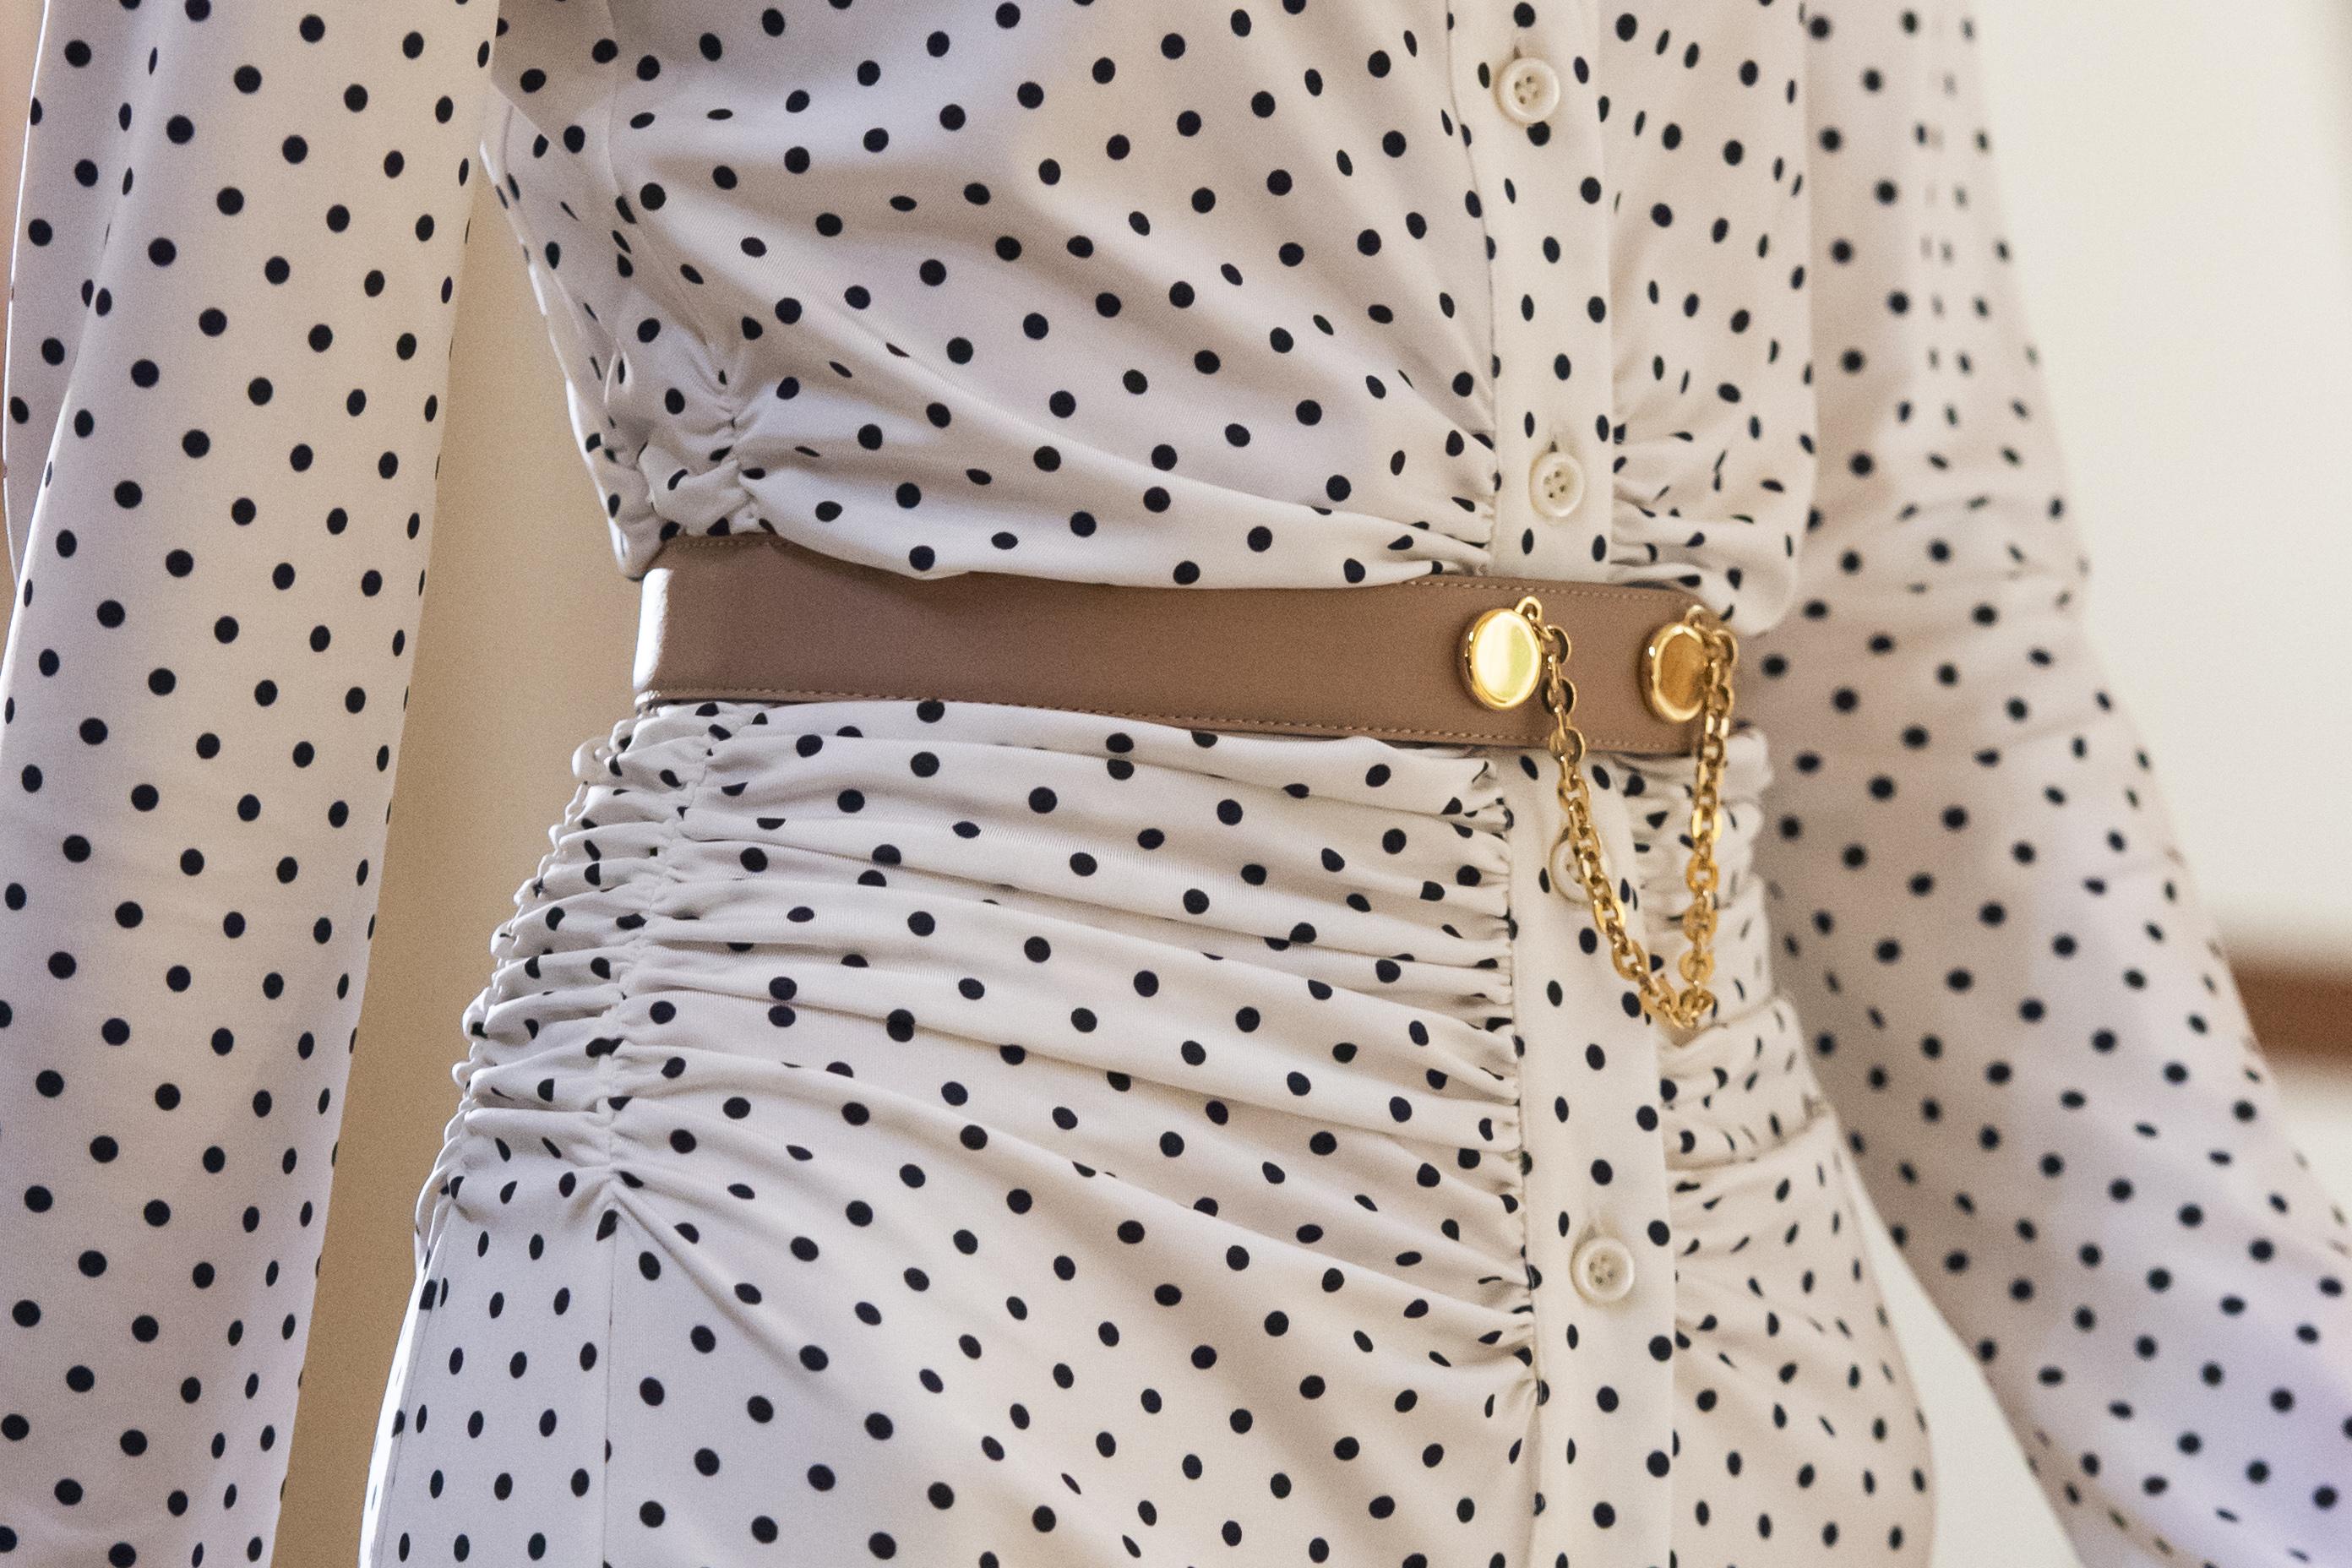 Las correas con detalles de cadenas se mantienen a la vanguardia por su estilo muy elegante y clásico. Moda: Altuzarra. (WGSN)